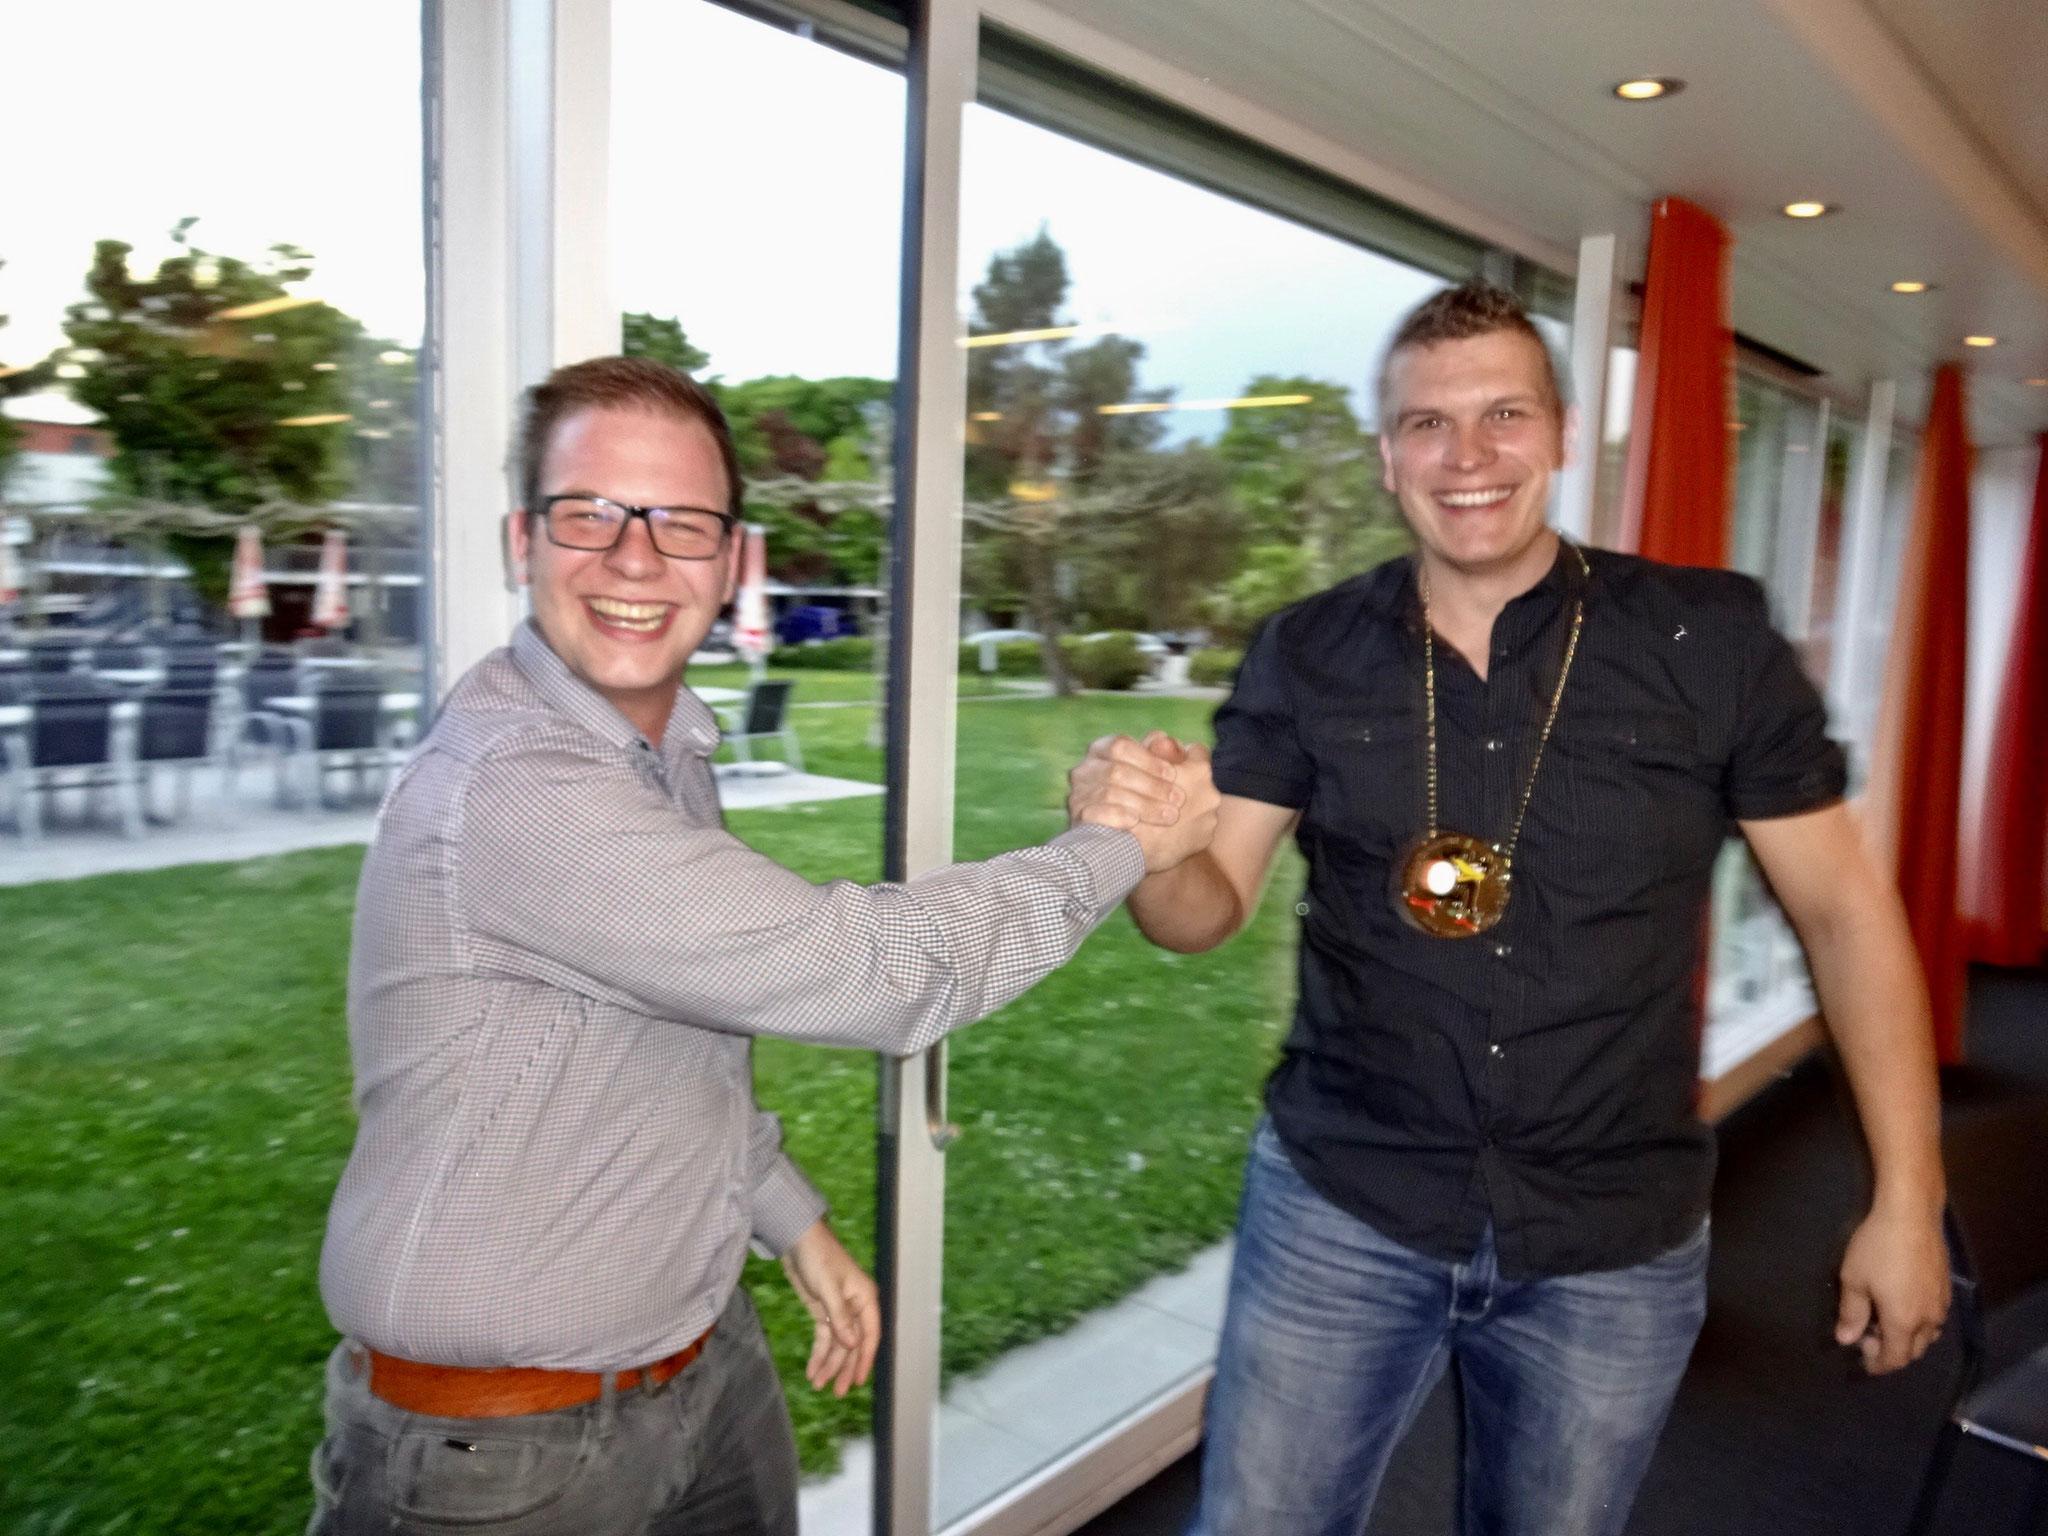 Thömu erhält die Plakette und wird somit zum Chräi gewählt.